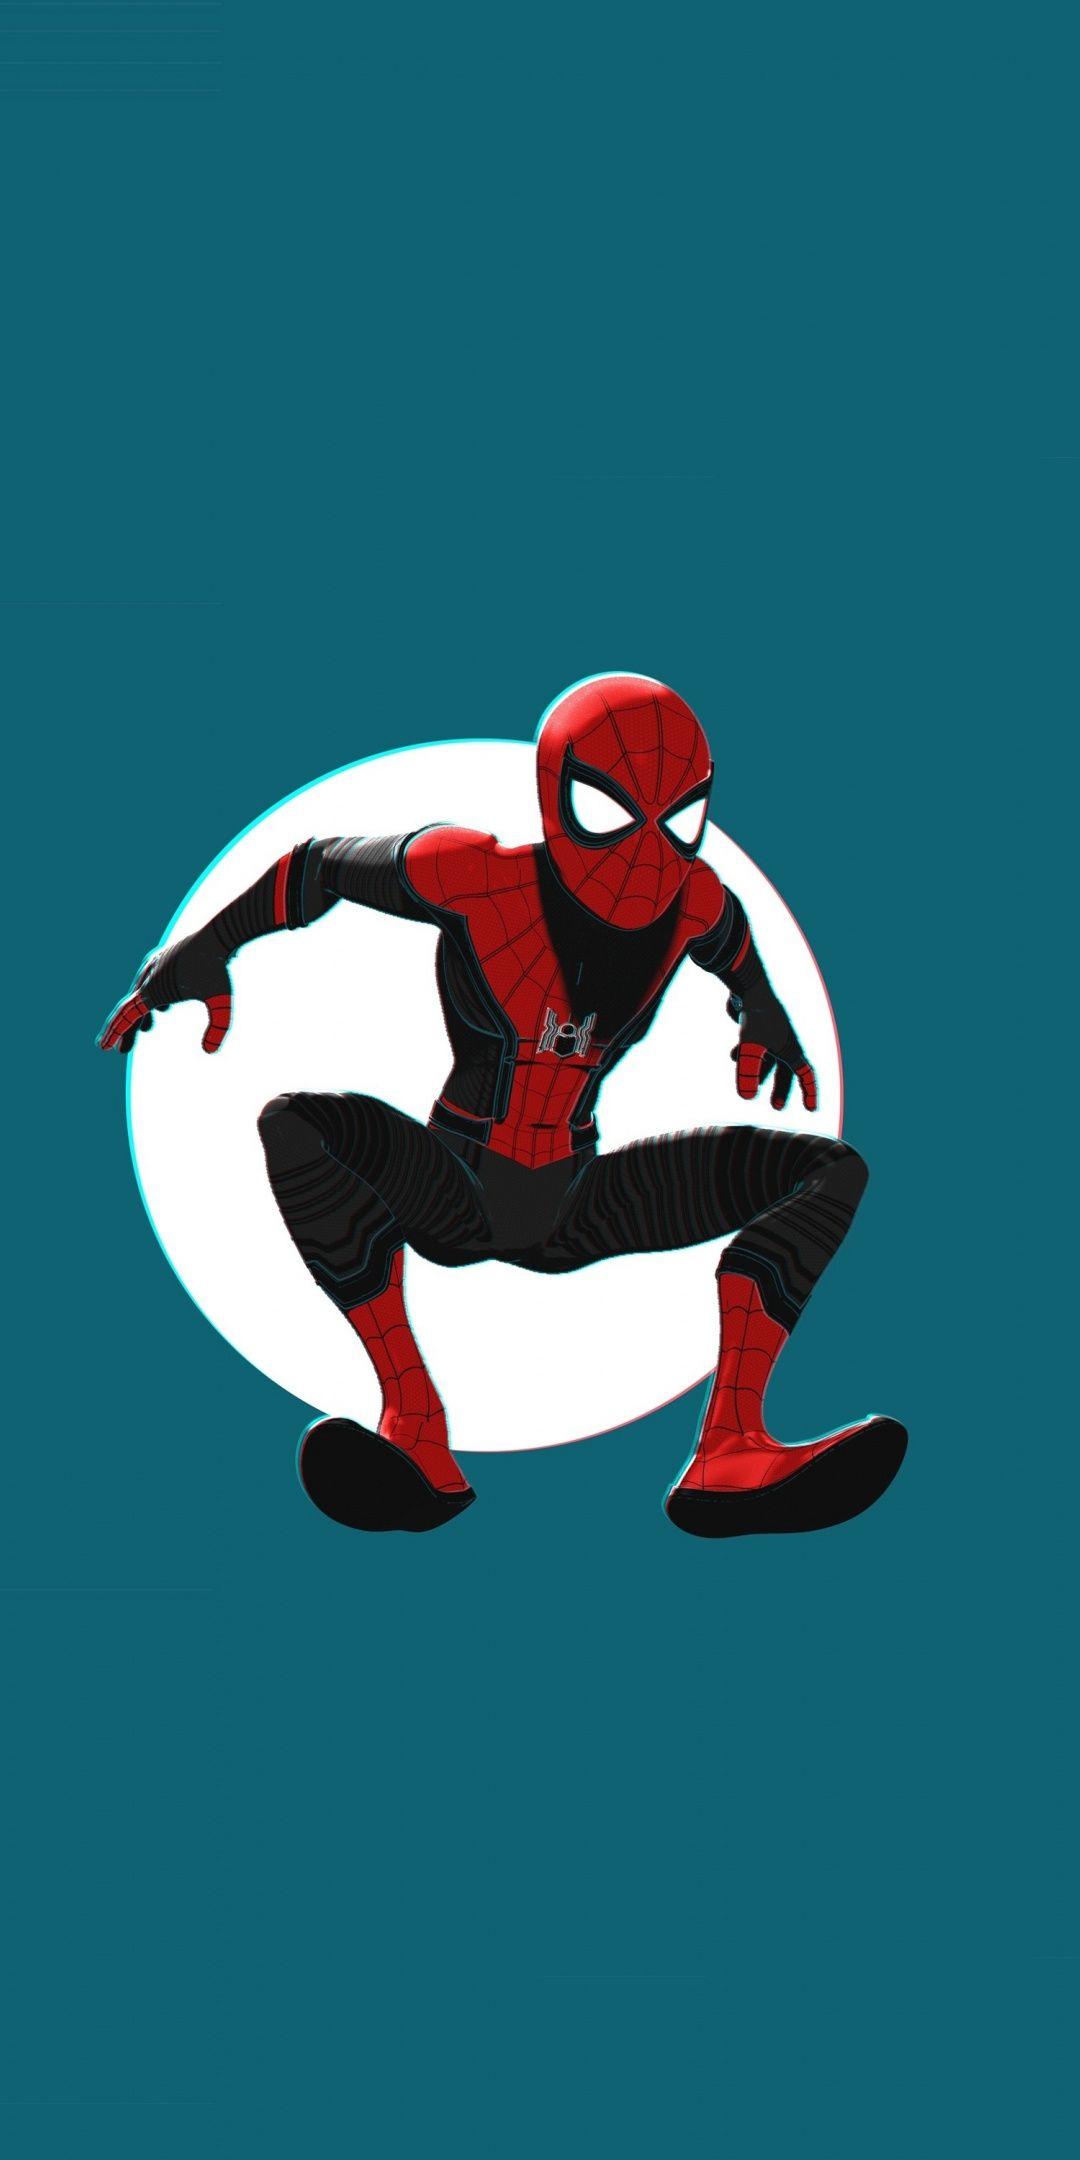 Spider Man Into The Spider Verse Movie Artwork 1080x2160 Wallpaper Superhero Wallpaper Man Wallpaper Spider Verse